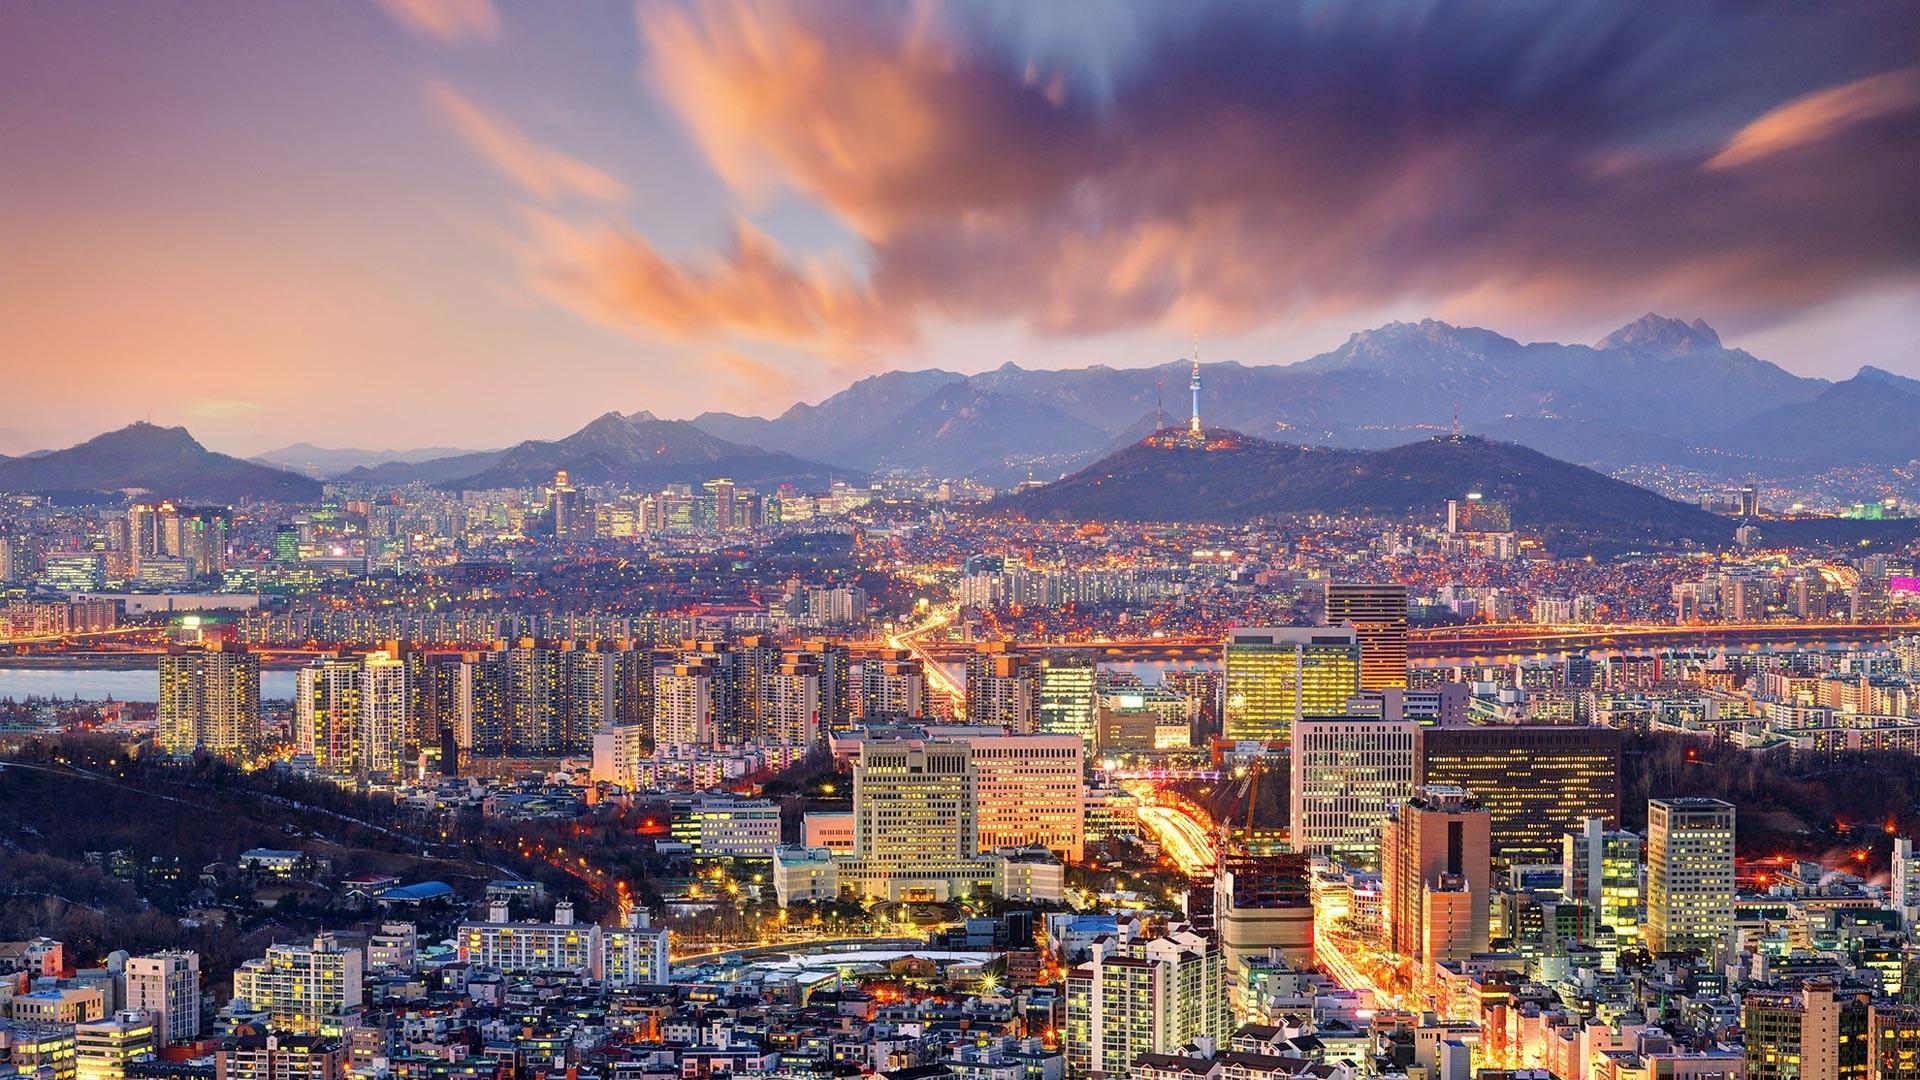 Seoul Wallpaper Pic